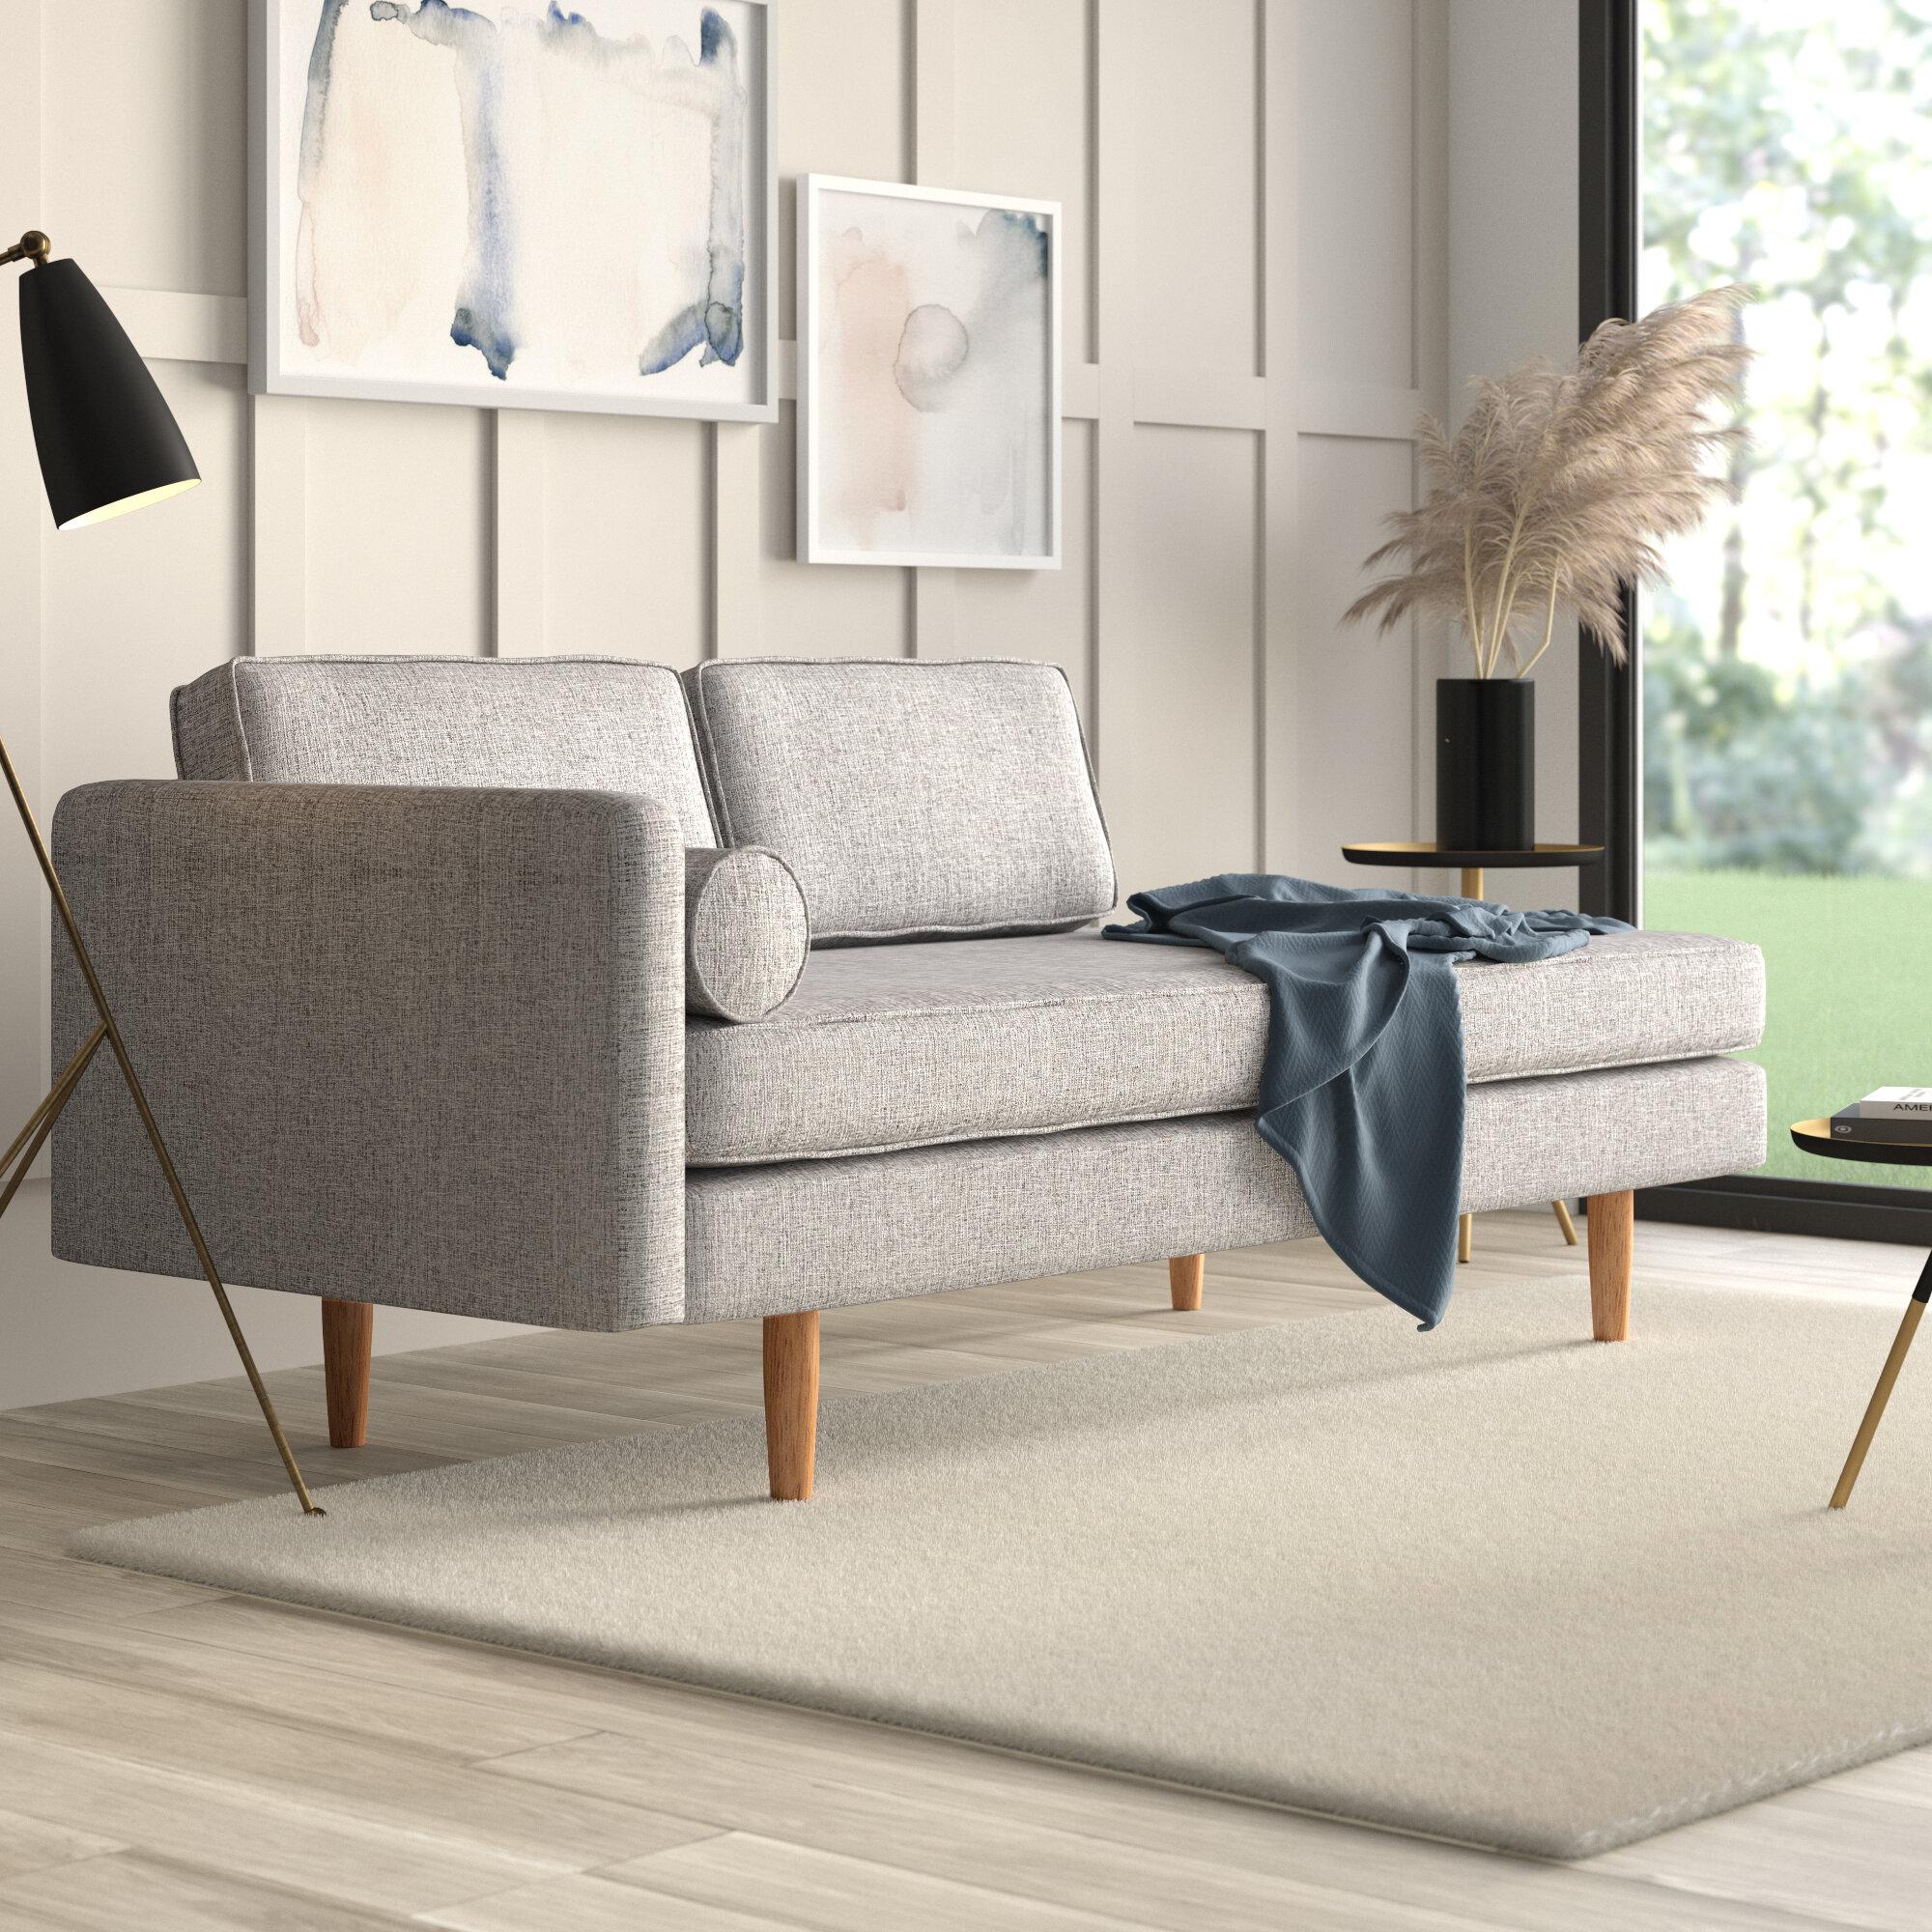 Mixon Chaise Lounge